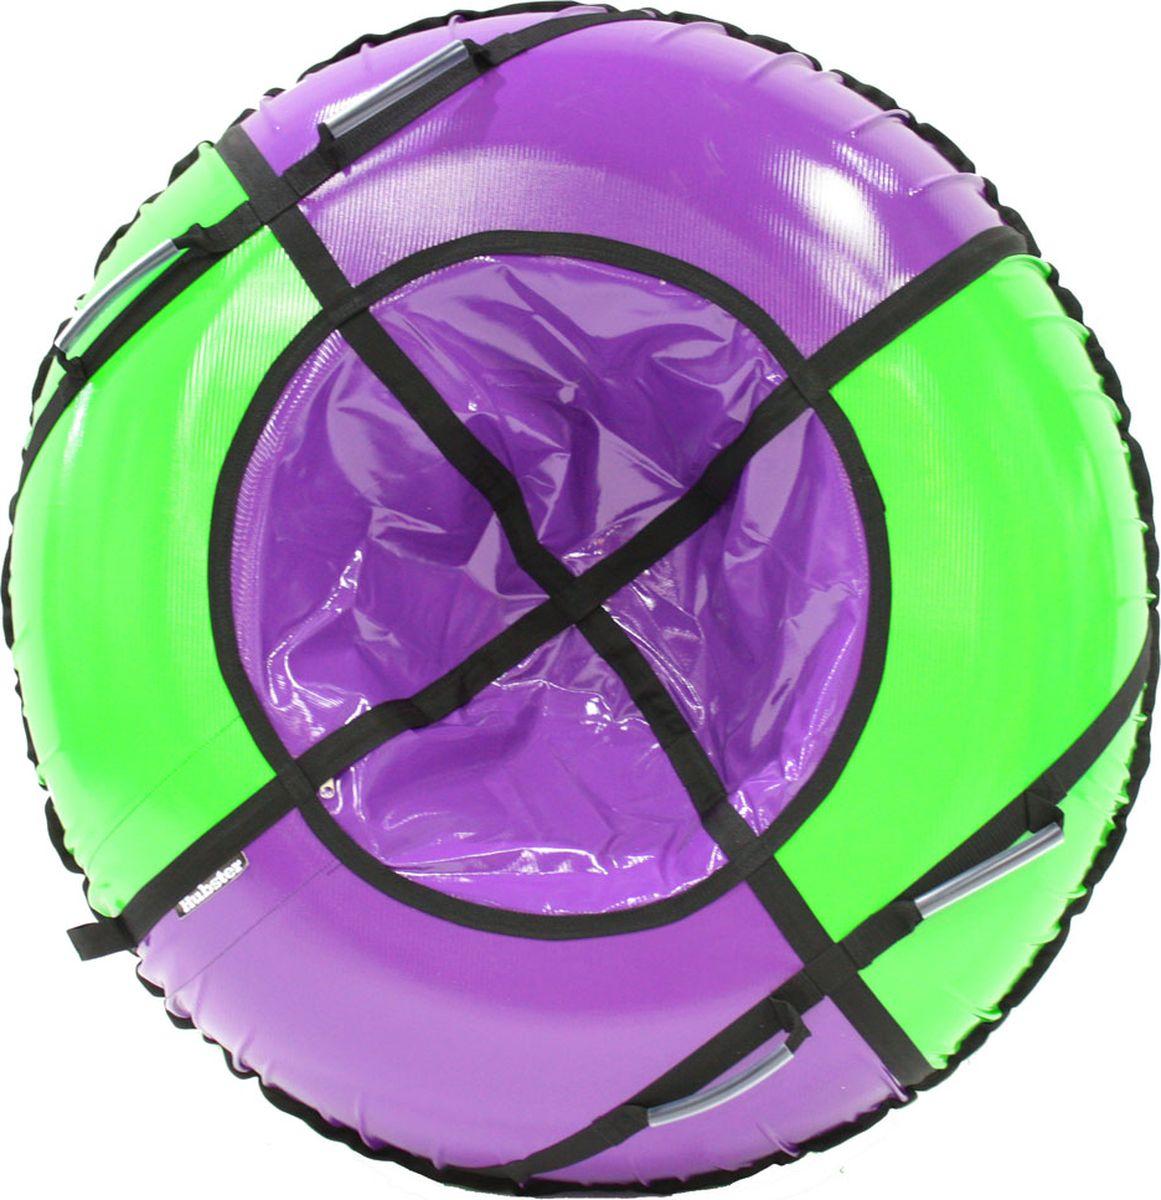 Тюбинг Hubster Sport Plus, цвет: фиолетовый, зеленый, диаметр 120 смво4189-2Любимая детская зимняя забава - это кататься с горки. А катание на тюбинге надолго запомнится вам и вашим близким. Свежий воздух, веселая компания, веселые развлечения - эти моменты вы будете вспоминать еще долгое время. Материал верха - ПВХ армированный, плотность 650 гр./м .Материал дна - ПВХ (усиленная скользкая ткань), плотность 650 гр./м.Диаметр в сдутом виде - 120 см.Диаметр в надутом виде - 109 см.Ручки усиленные (нашиты на дополнительную стропу).Кол-во ручек - 4 шт. Молния скрытая, на сиденье.Крепление троса - наружная петля.Длина троса - 1 метр.Нагрузка - до 150 кг.Комплект поставки - ватрушка, трос, камера.Тюбинг не предназначен для буксировки механическими или транспортными средствами (подъемники, канатные дороги, лебедки, автомобиль, снегоход, квадроцикл и т.д.)